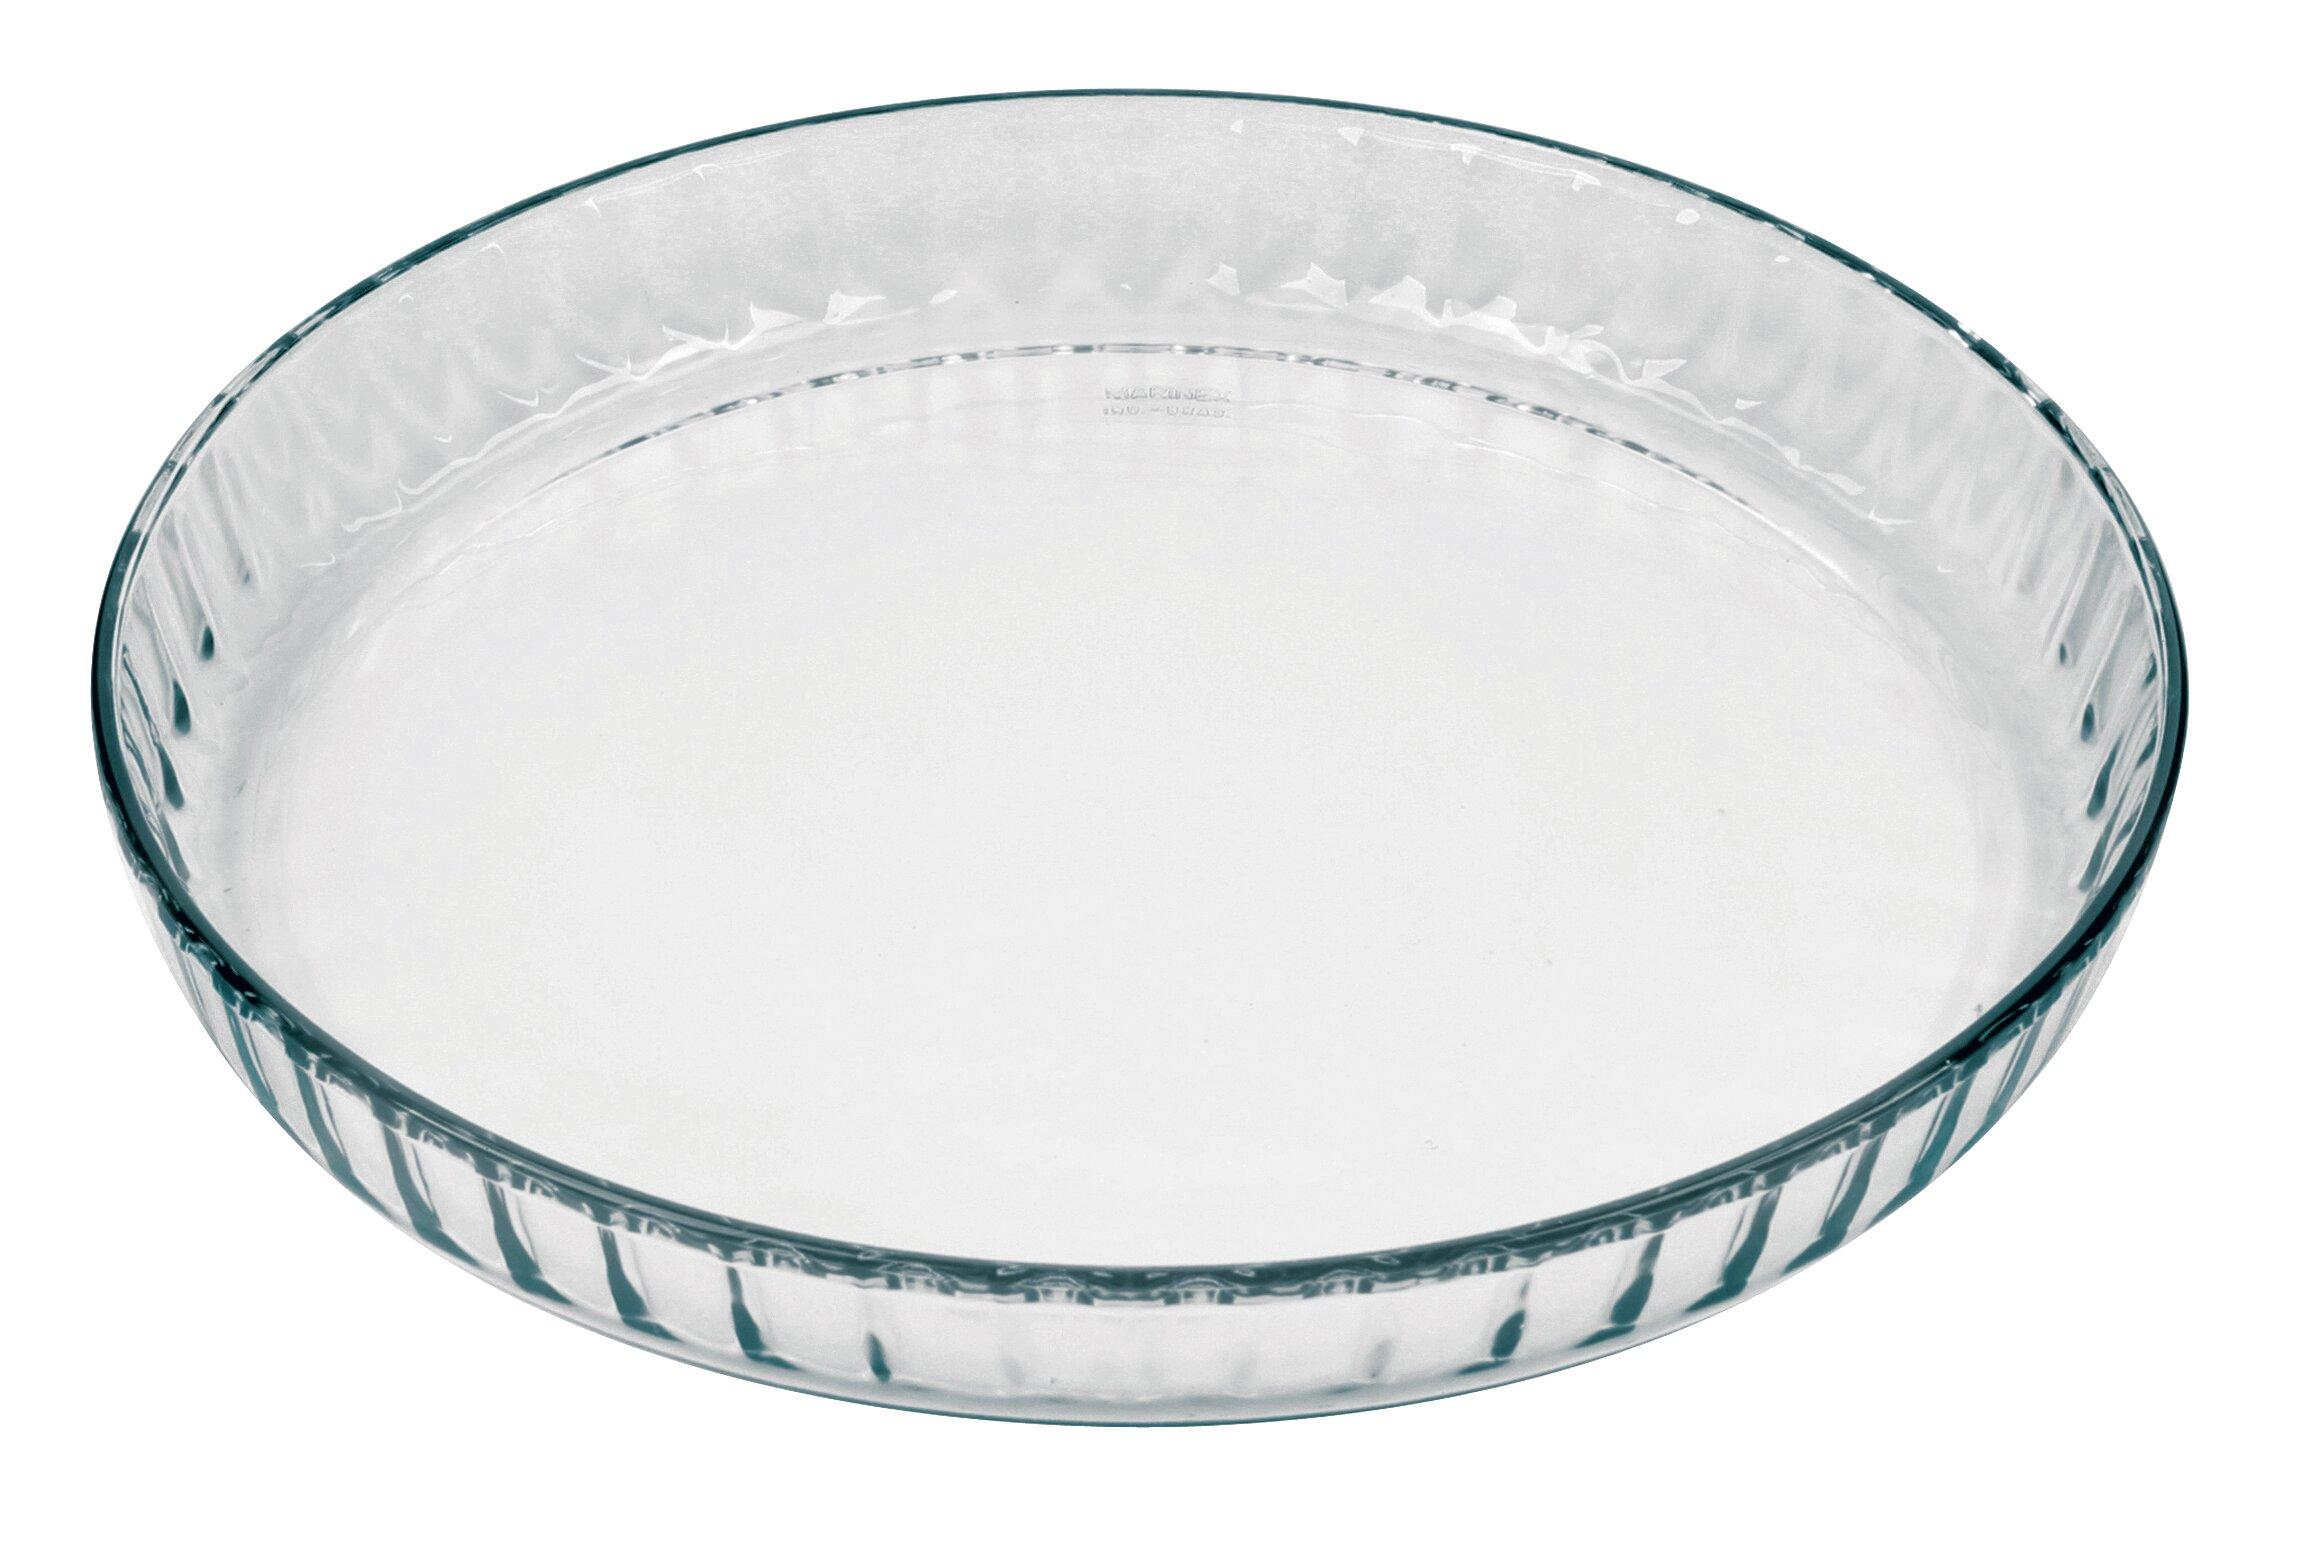 Foyer Rug Quiche : Marinex flan quiche fluted dish reviews wayfair